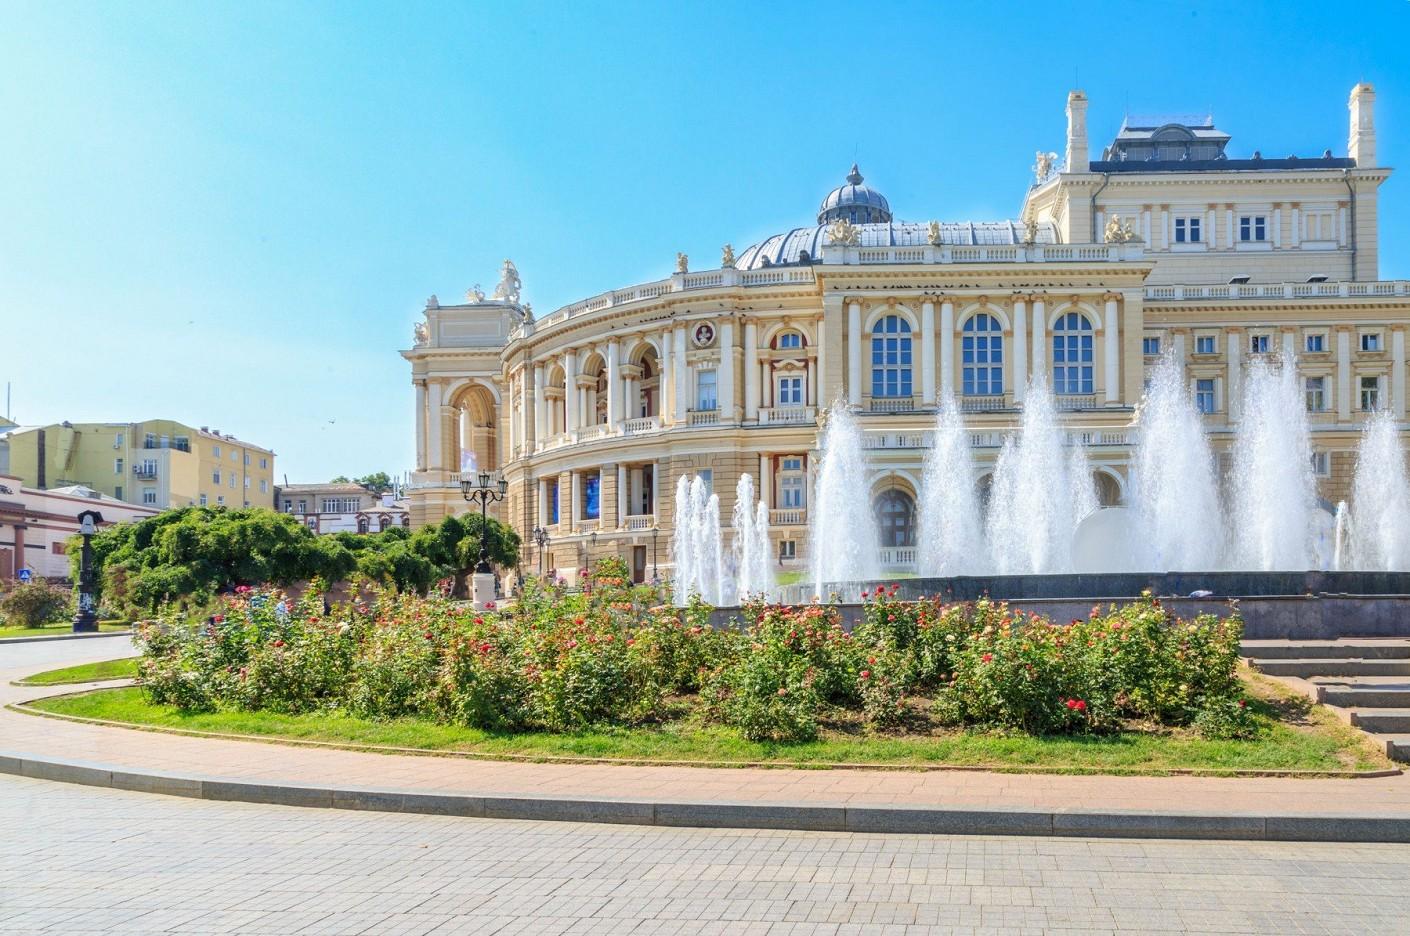 Ką verta žinoti prieš vykstant į Odesą?